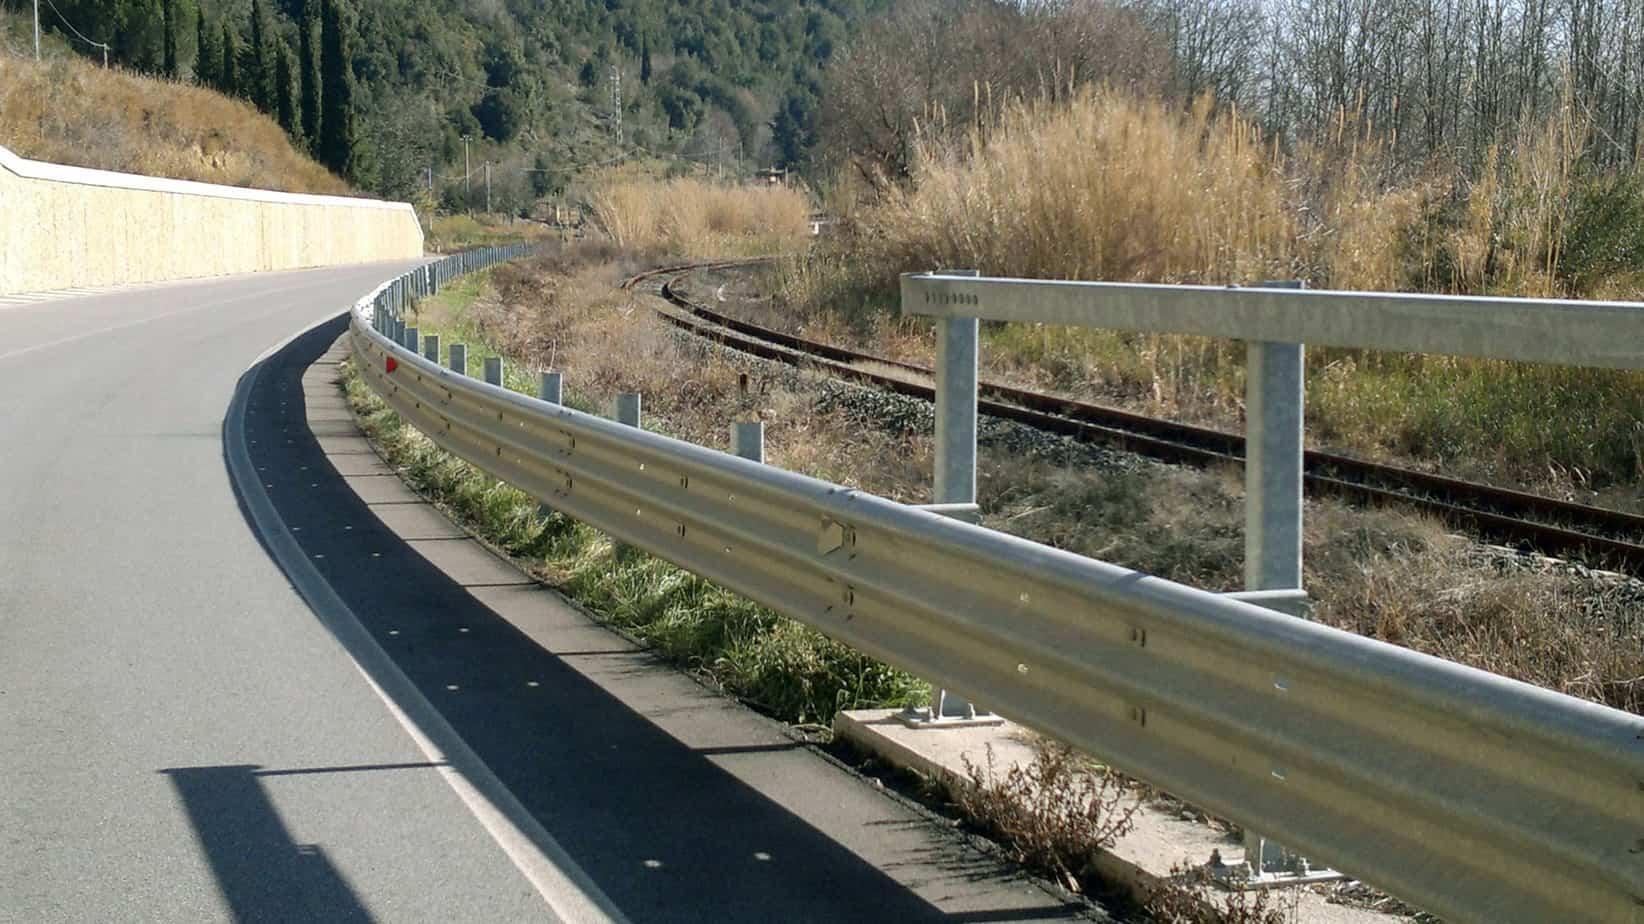 La Provincia di Pisa ha maturato l'esigenza di sviluppare una procedura che consenta di individuare le priorità di allocazione delle risorse disponibili per la gestione e l'installazione delle barriere di ritenuta